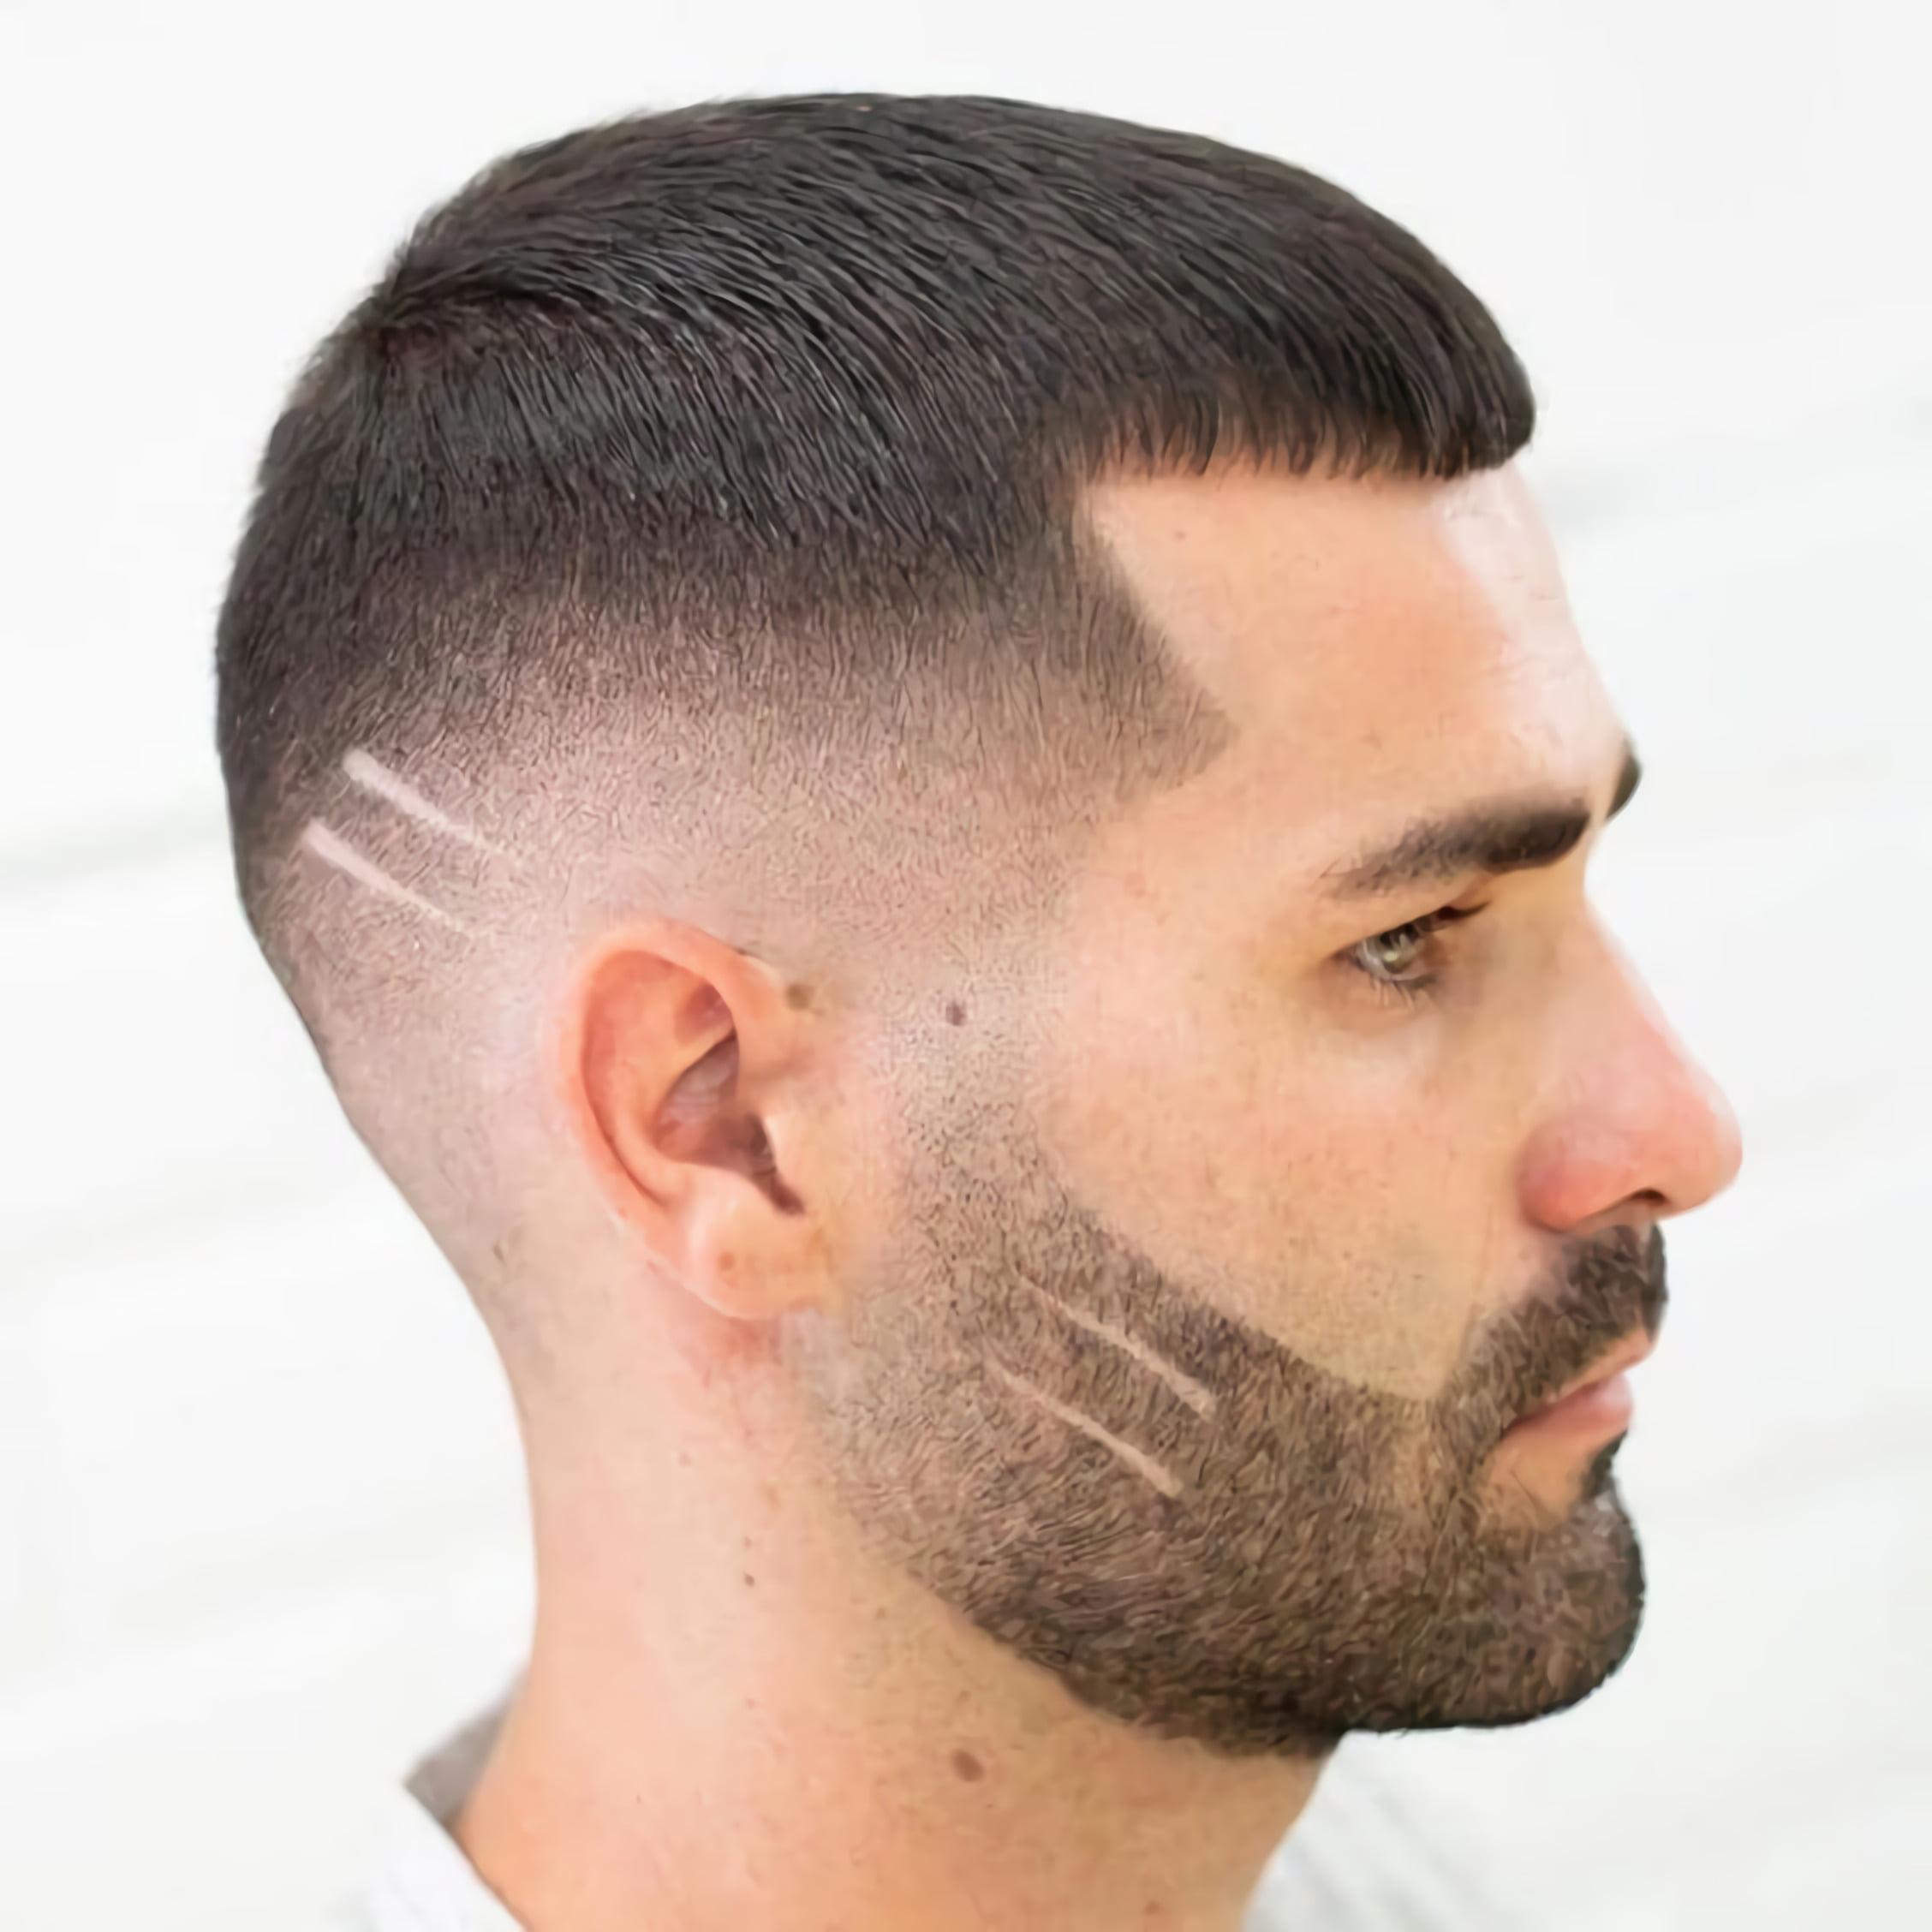 модная стрижка с вырезом на бороде и волосах